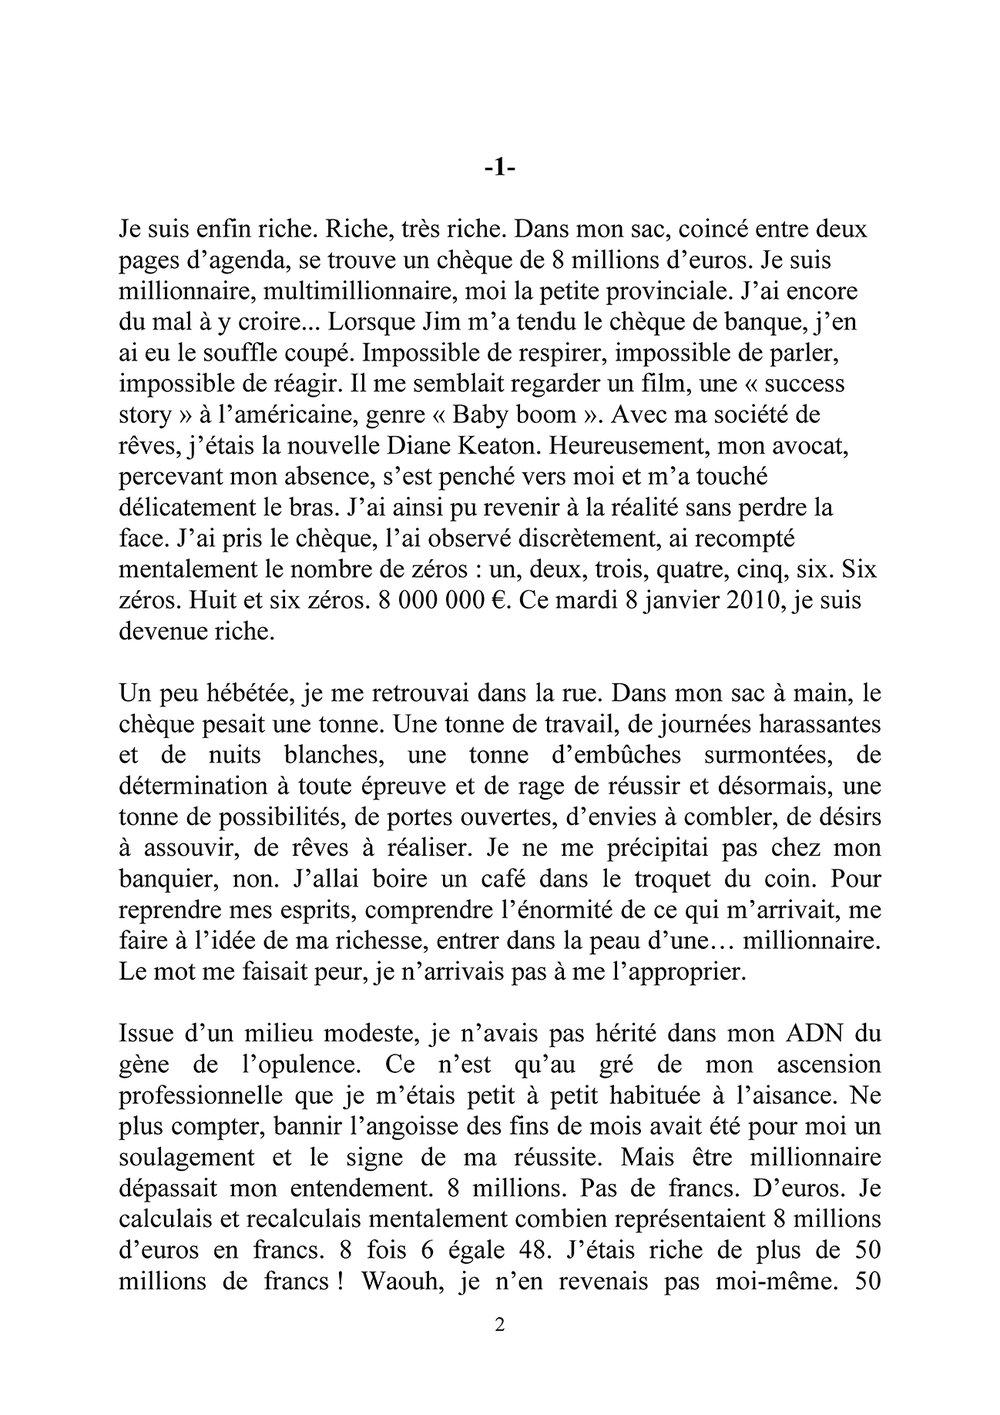 Ebook - Le Bonheur Intérieur Tattend_Page_003.jpg